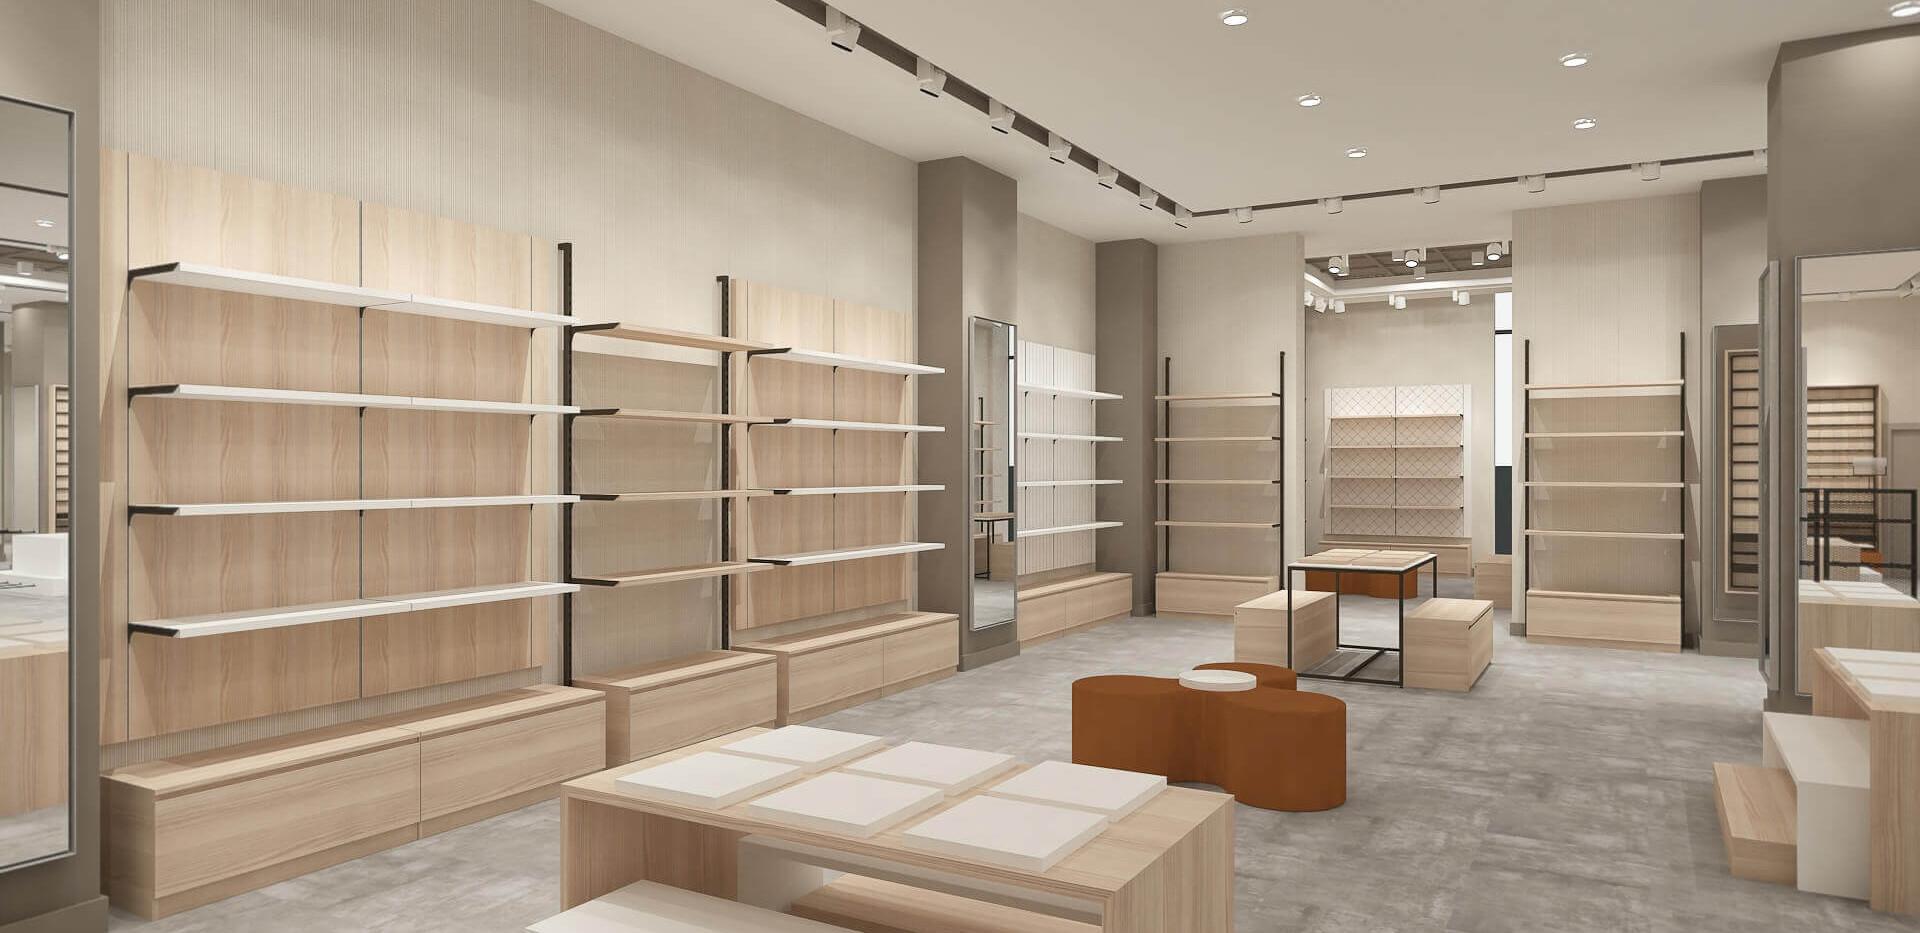 Cinici - Shoes Store Shop Design-4.jpg